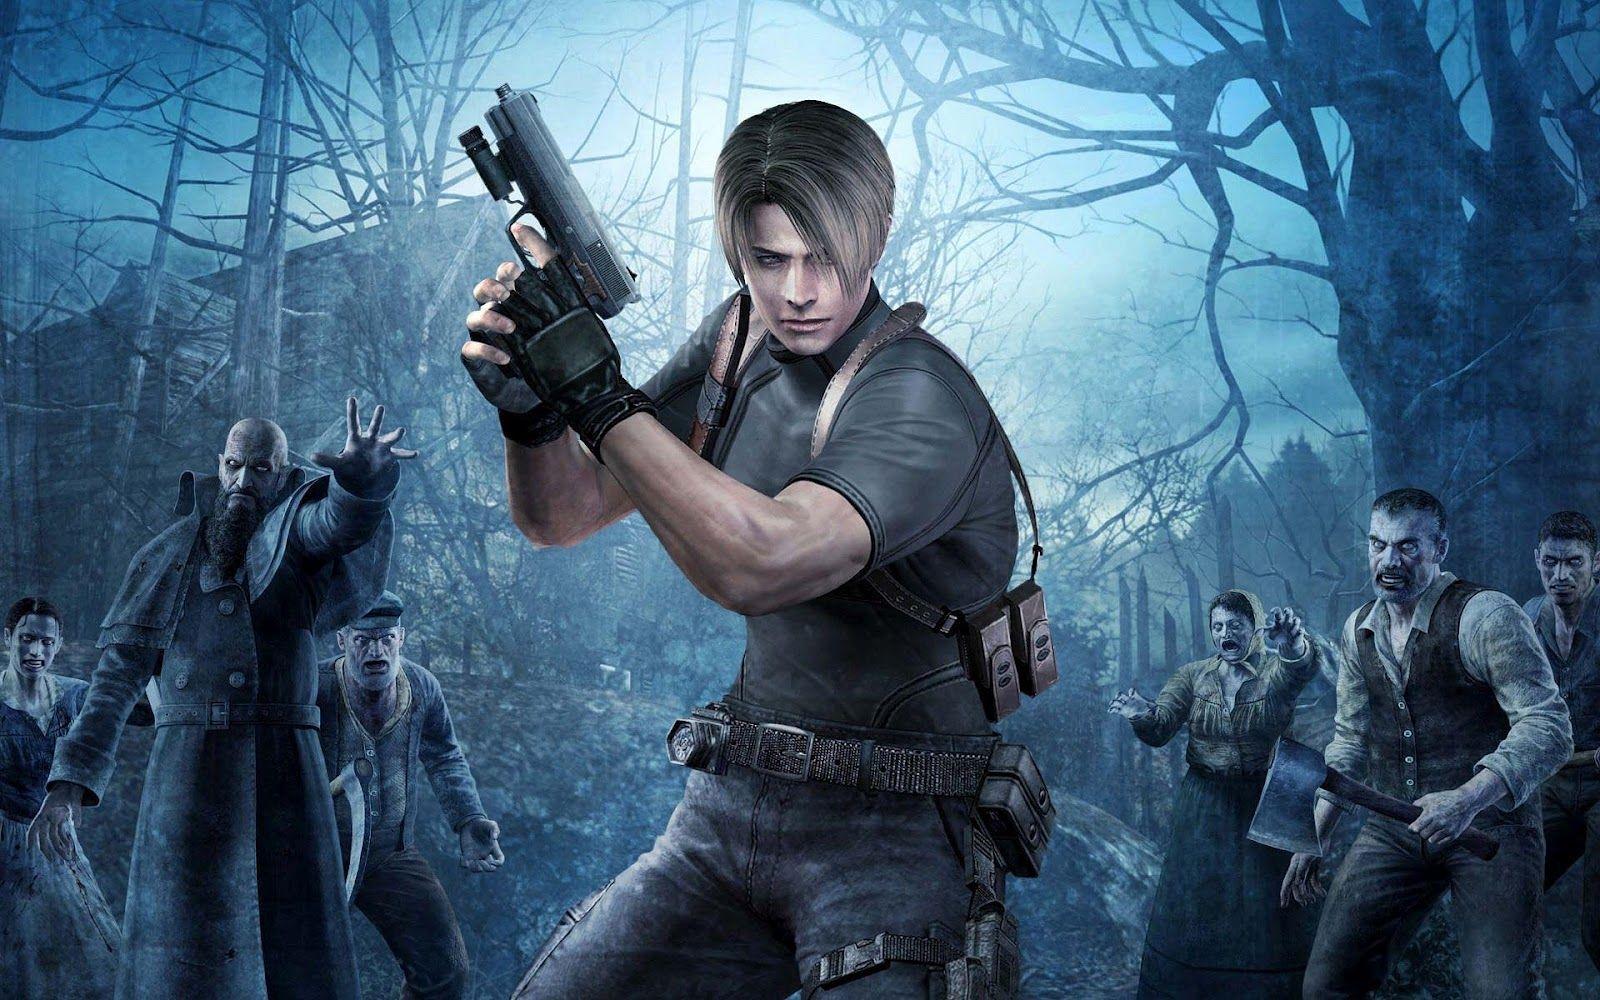 Efsane seri Resident Evil, yıllar içerisinde nasıl değişti?